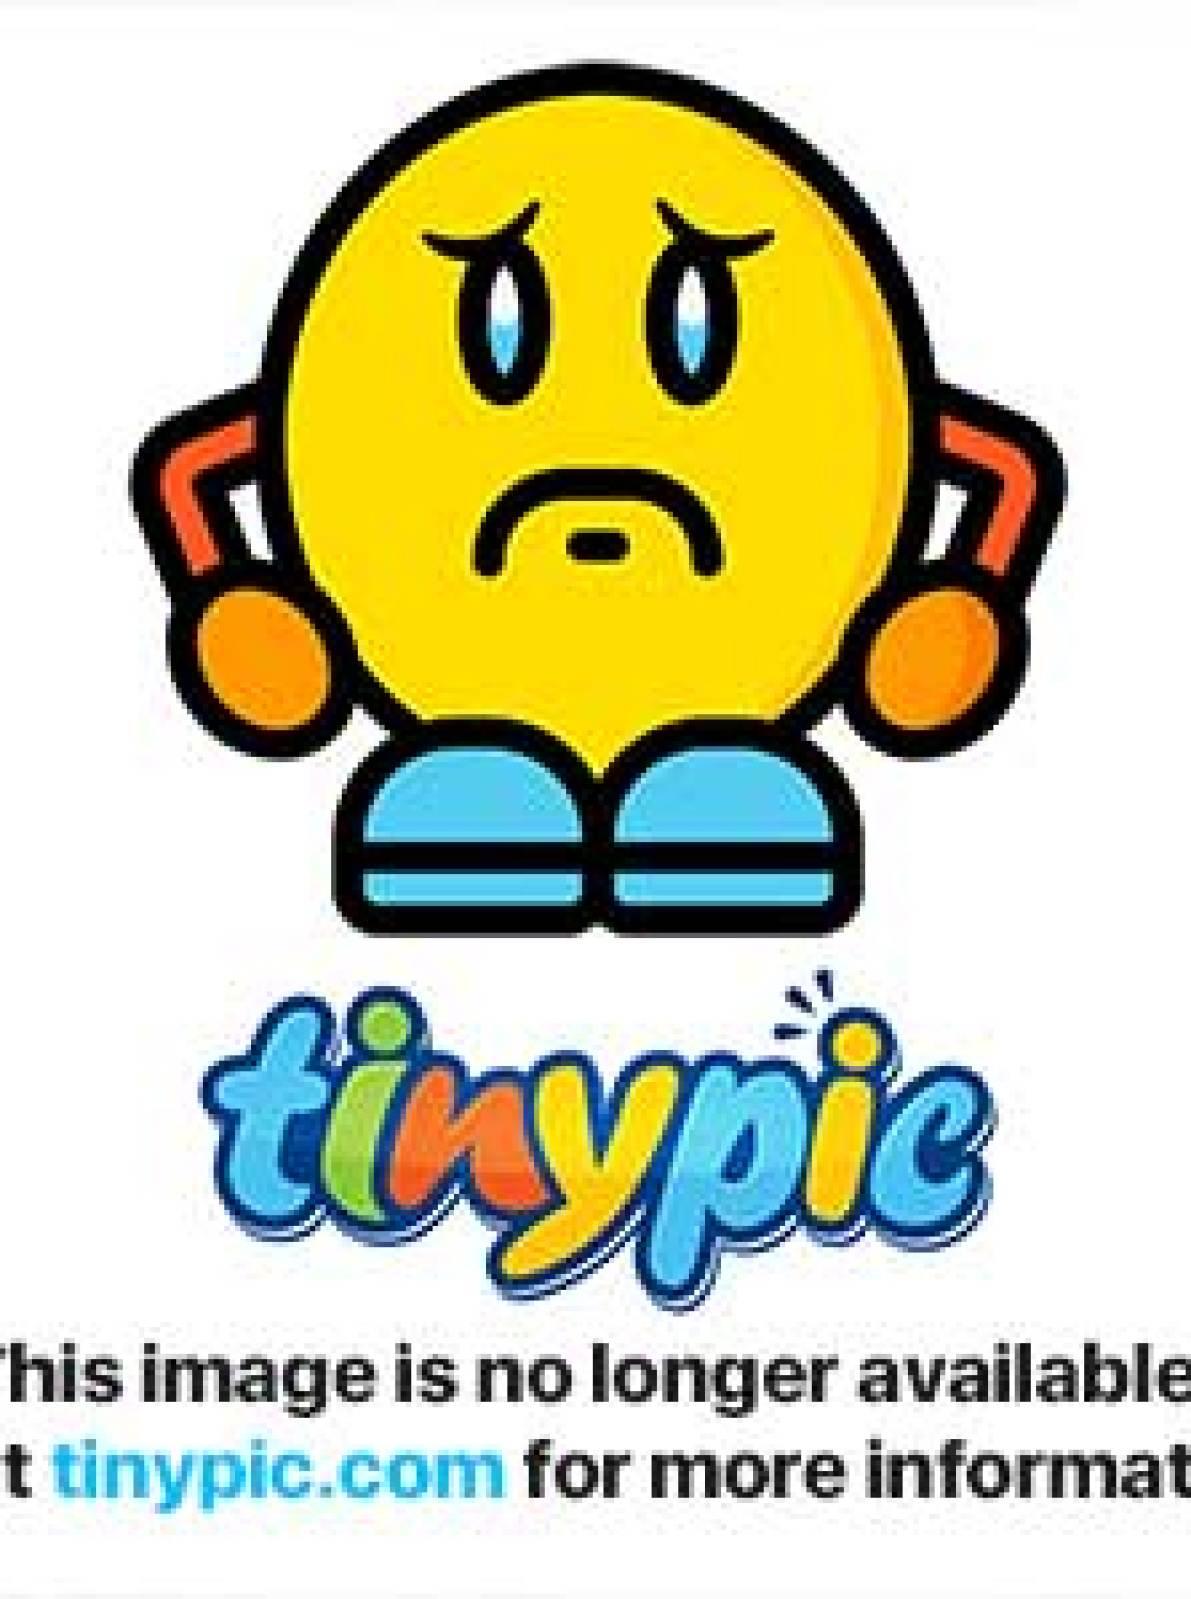 http://i2.wp.com/oi58.tinypic.com/1cl7q.jpg?resize=1191%2C1599